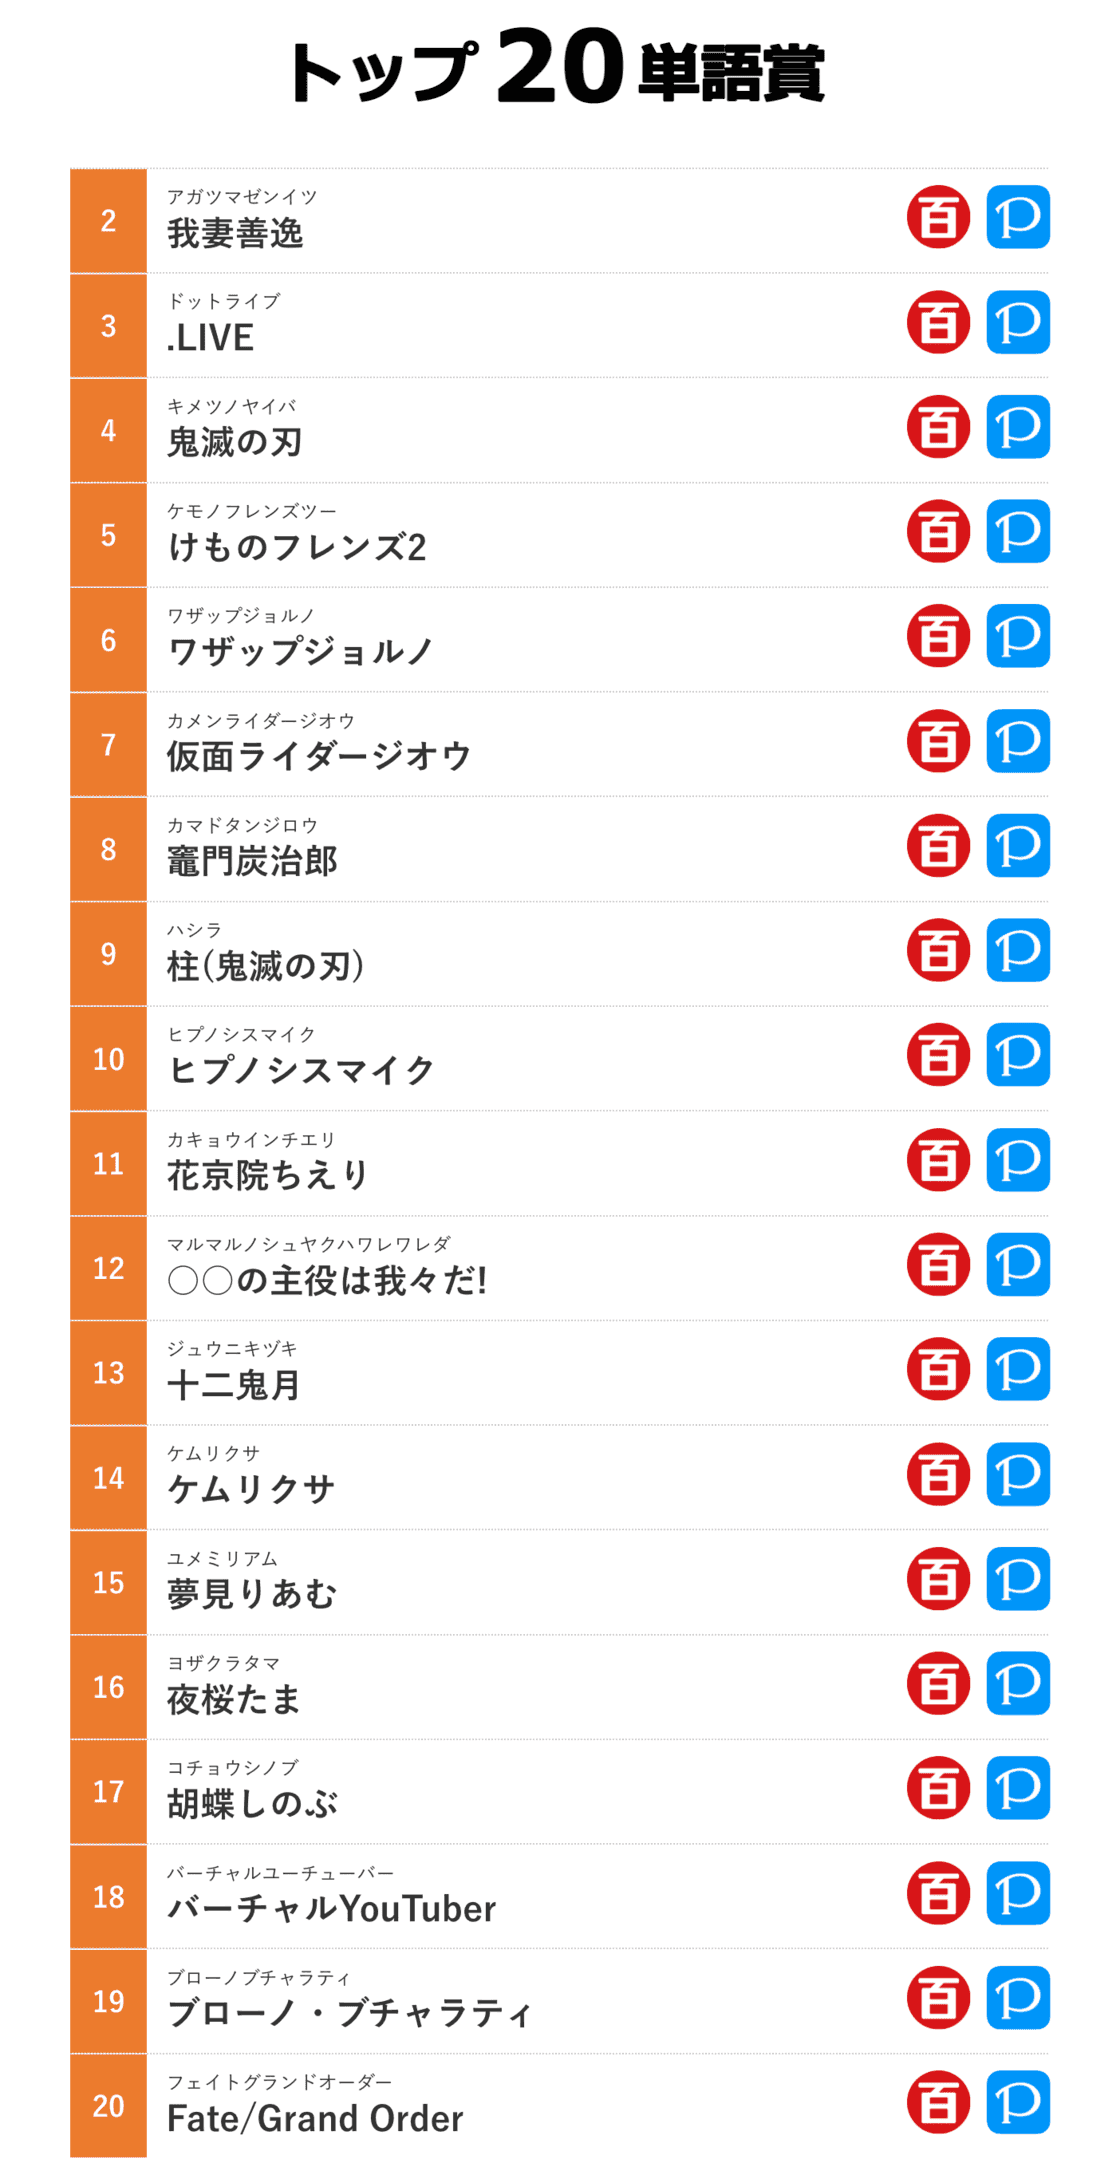 2019 日本网络流行语 2-20 名